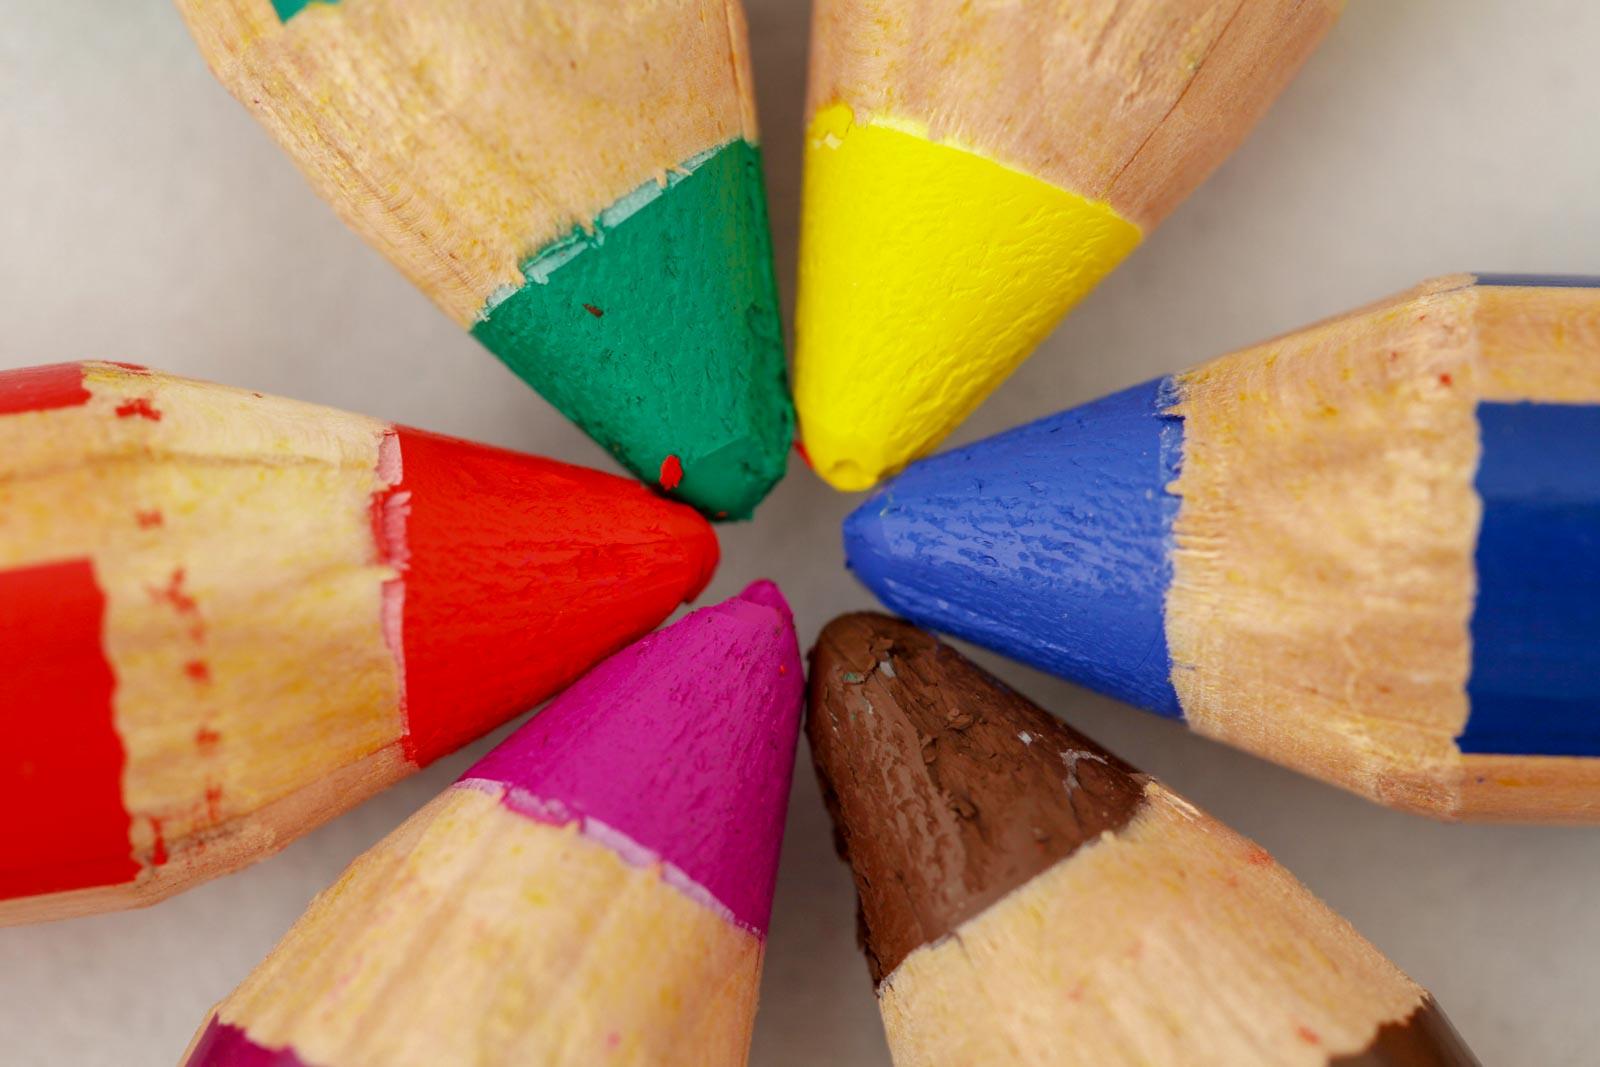 Punten van gekleurde potloden van bovenaf gefotografeerd met sRGB kleurruimte ingesloten